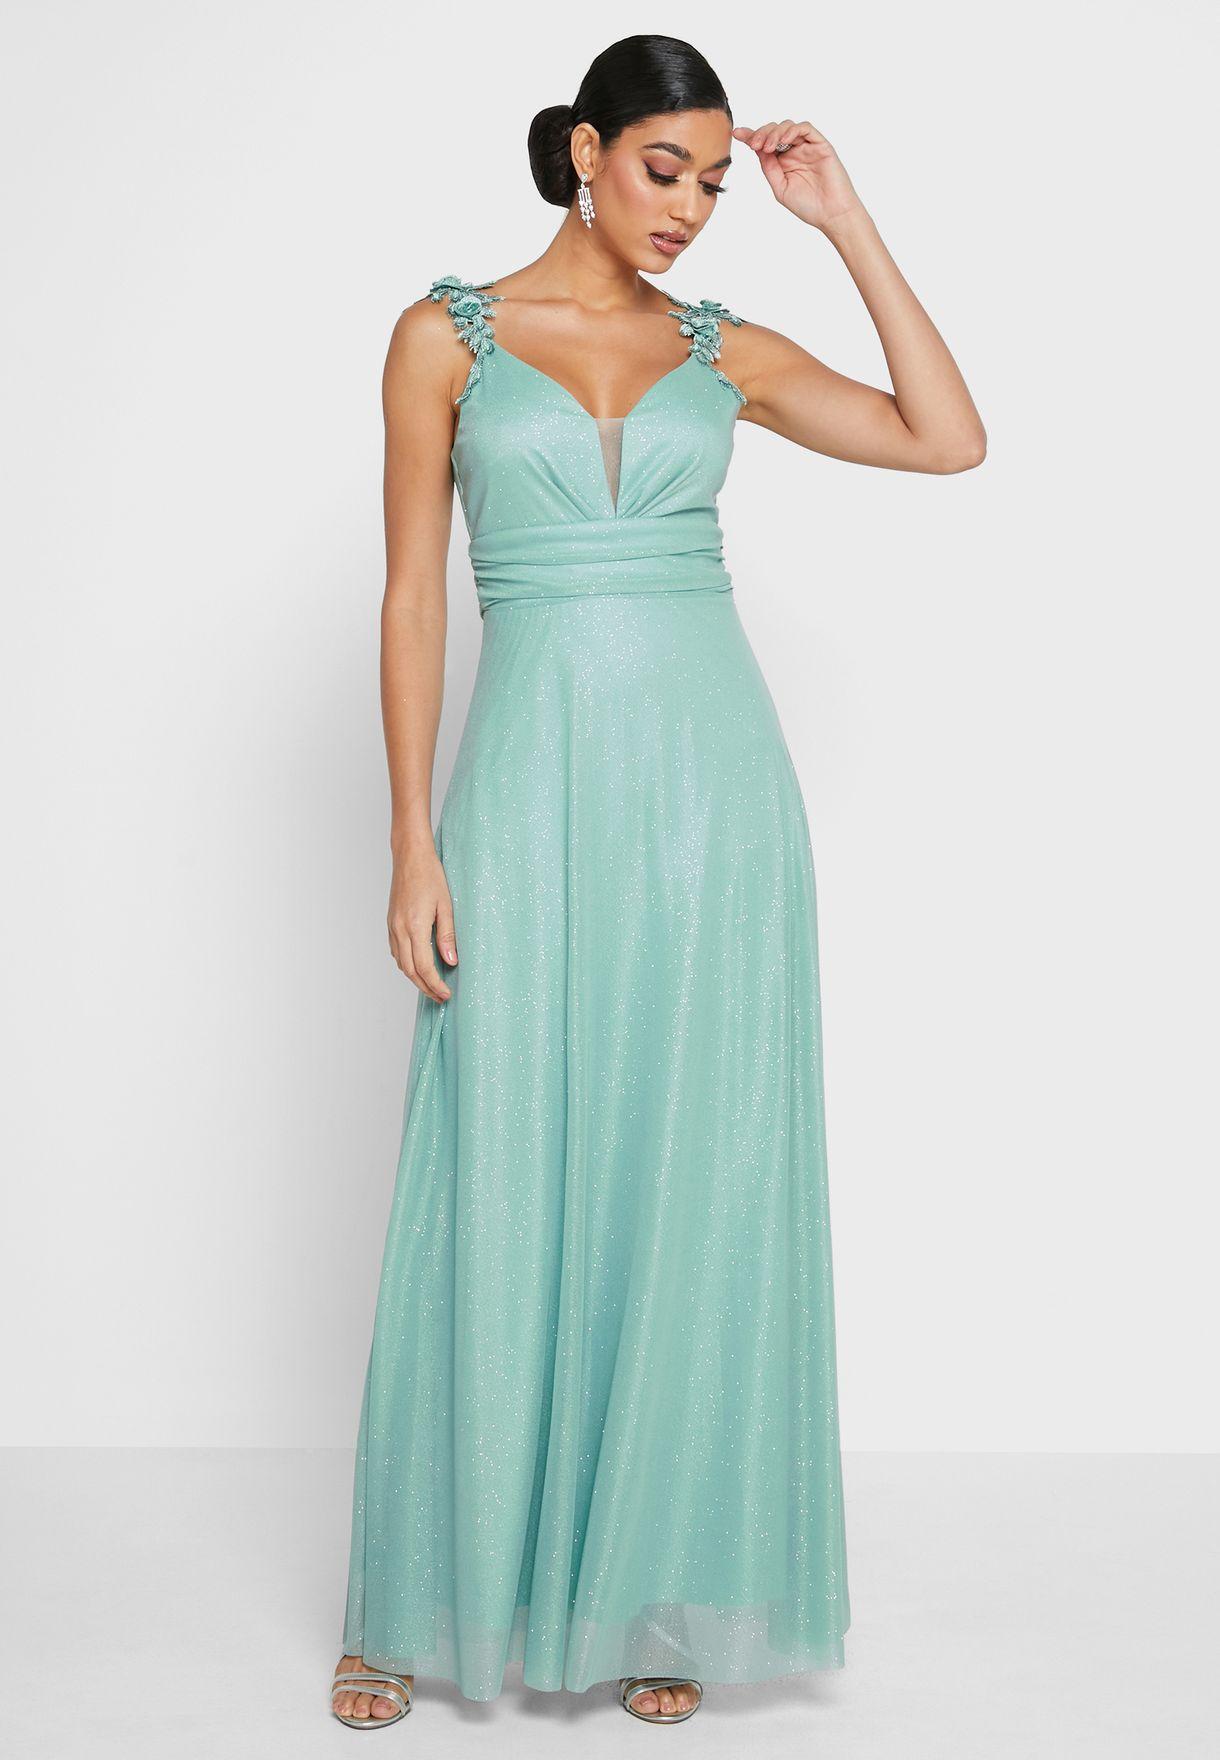 Shimmer Tule Dress